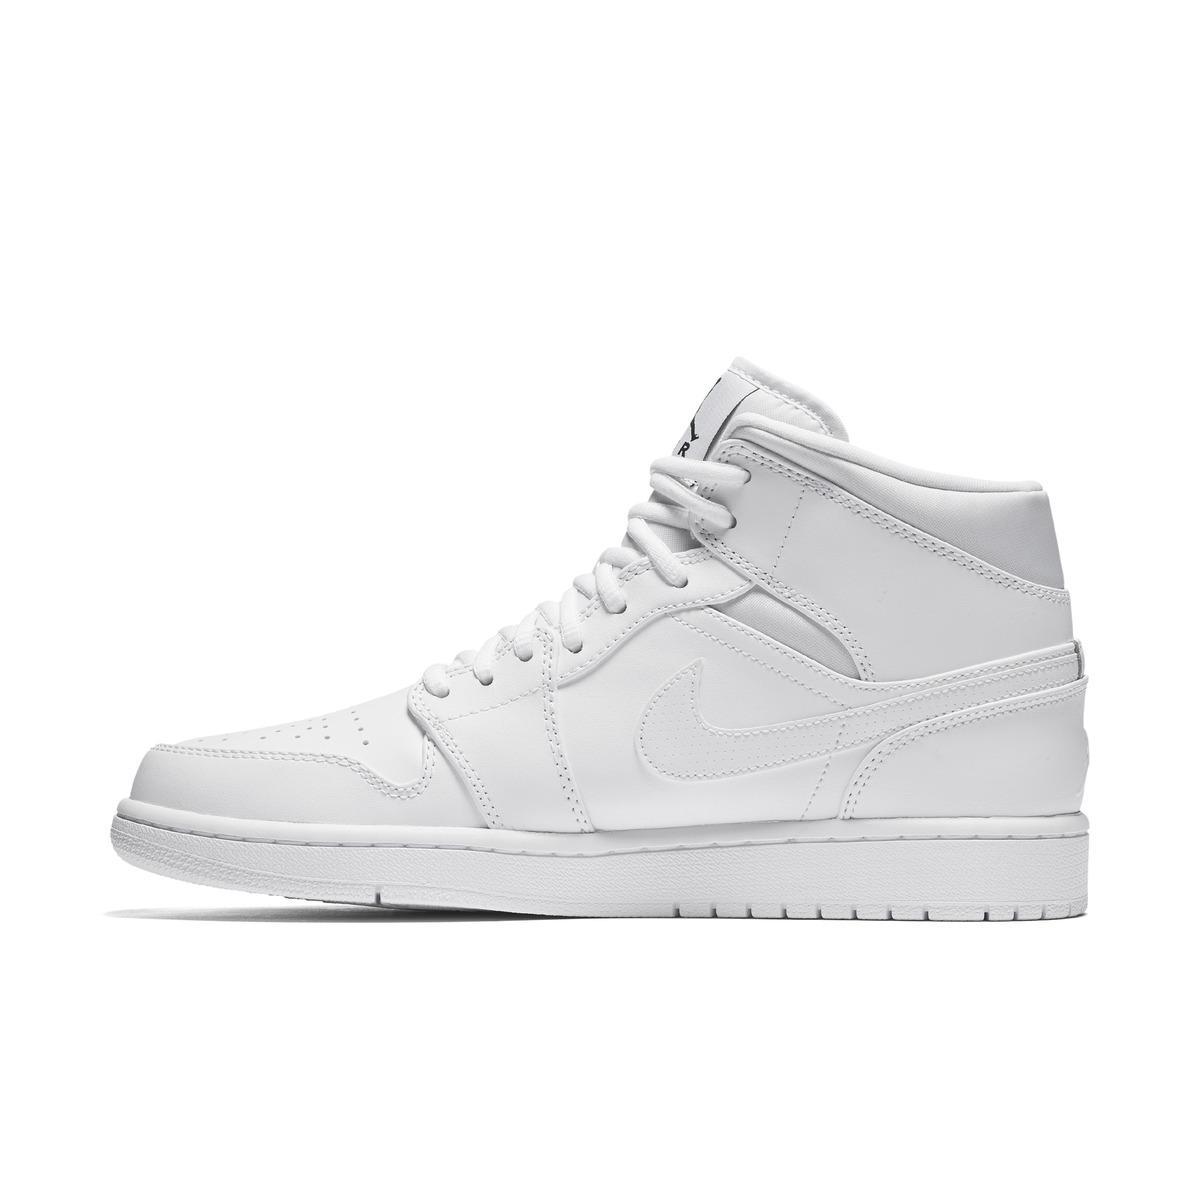 Lyst Mid Nike Air Jordan 1 Mid Lyst Casualwear Formadores En Blanco Para Los Hombres 4686f7